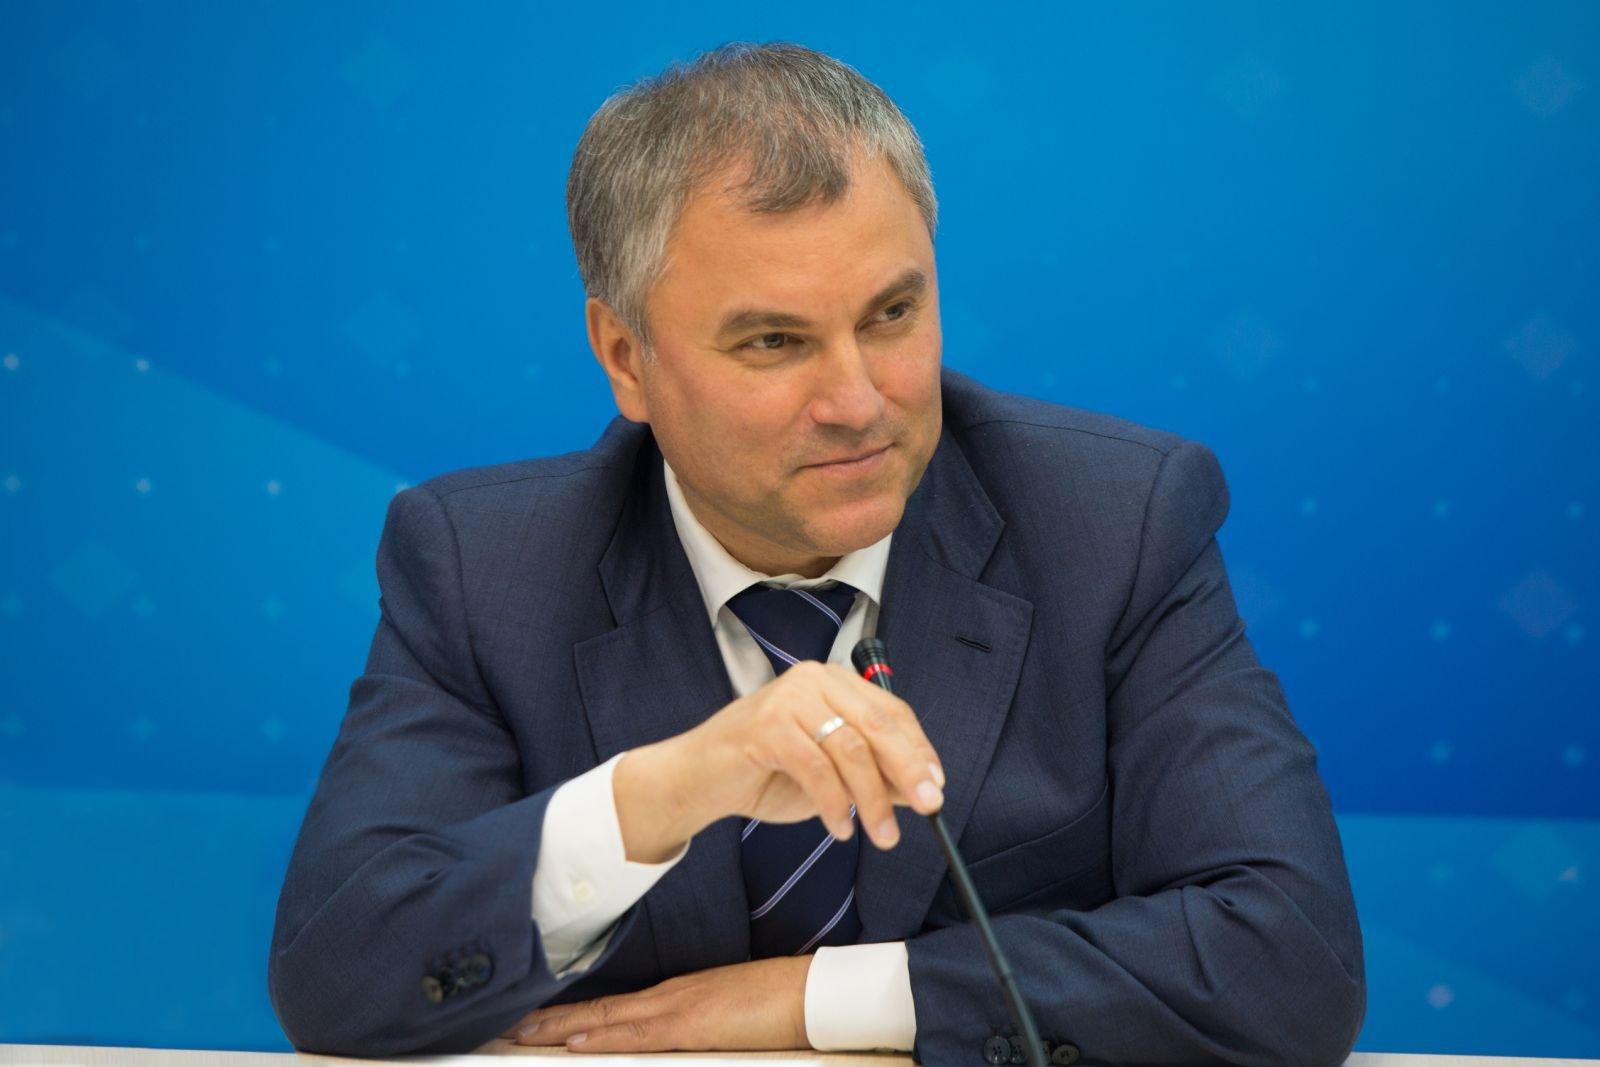 Государственная дума сэкономила 28,5 млн руб. засчет депутатских «отгулов»